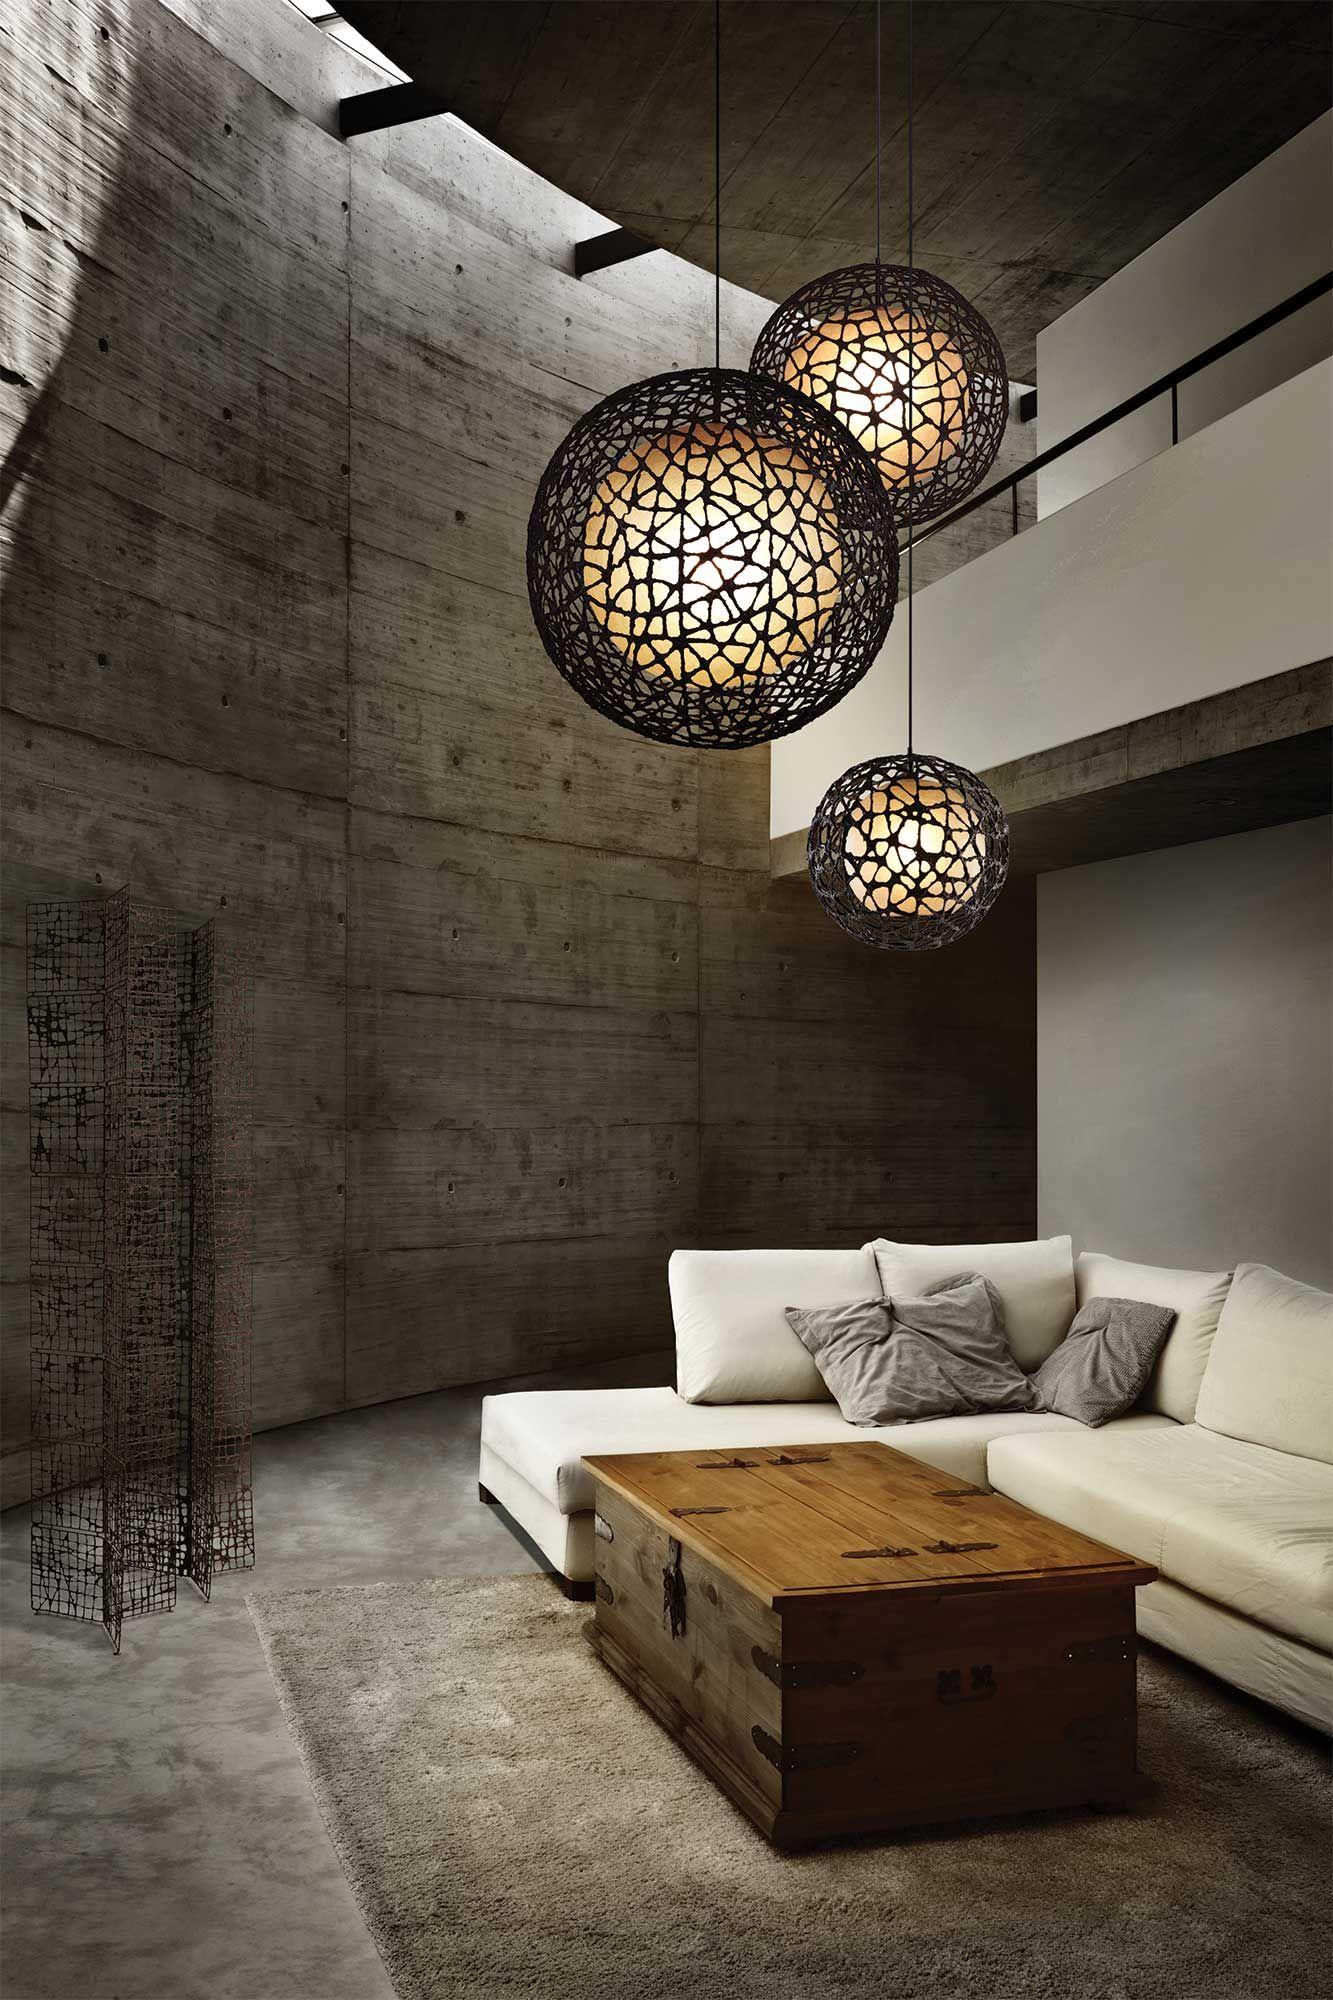 Room gro e lampen mehr living room pendant lightsrustic